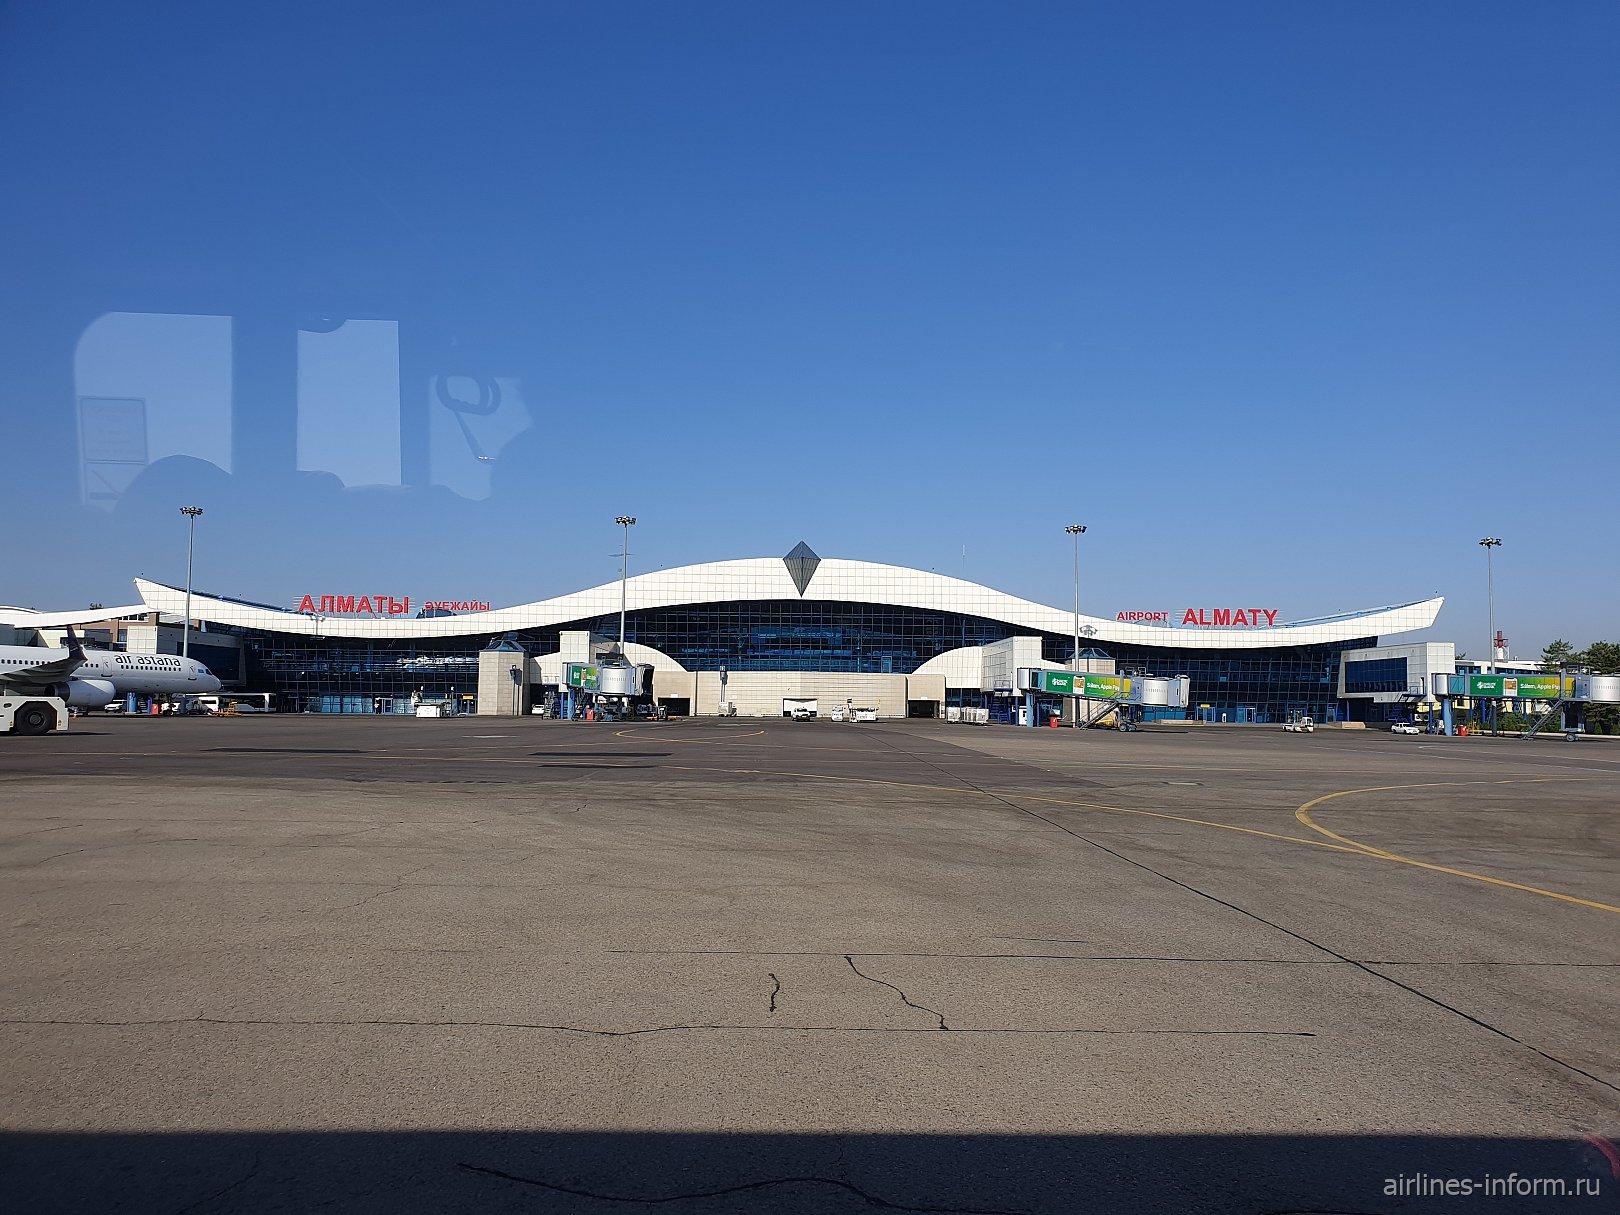 Вид на аэропорт Алматы из иллюминатора самолета